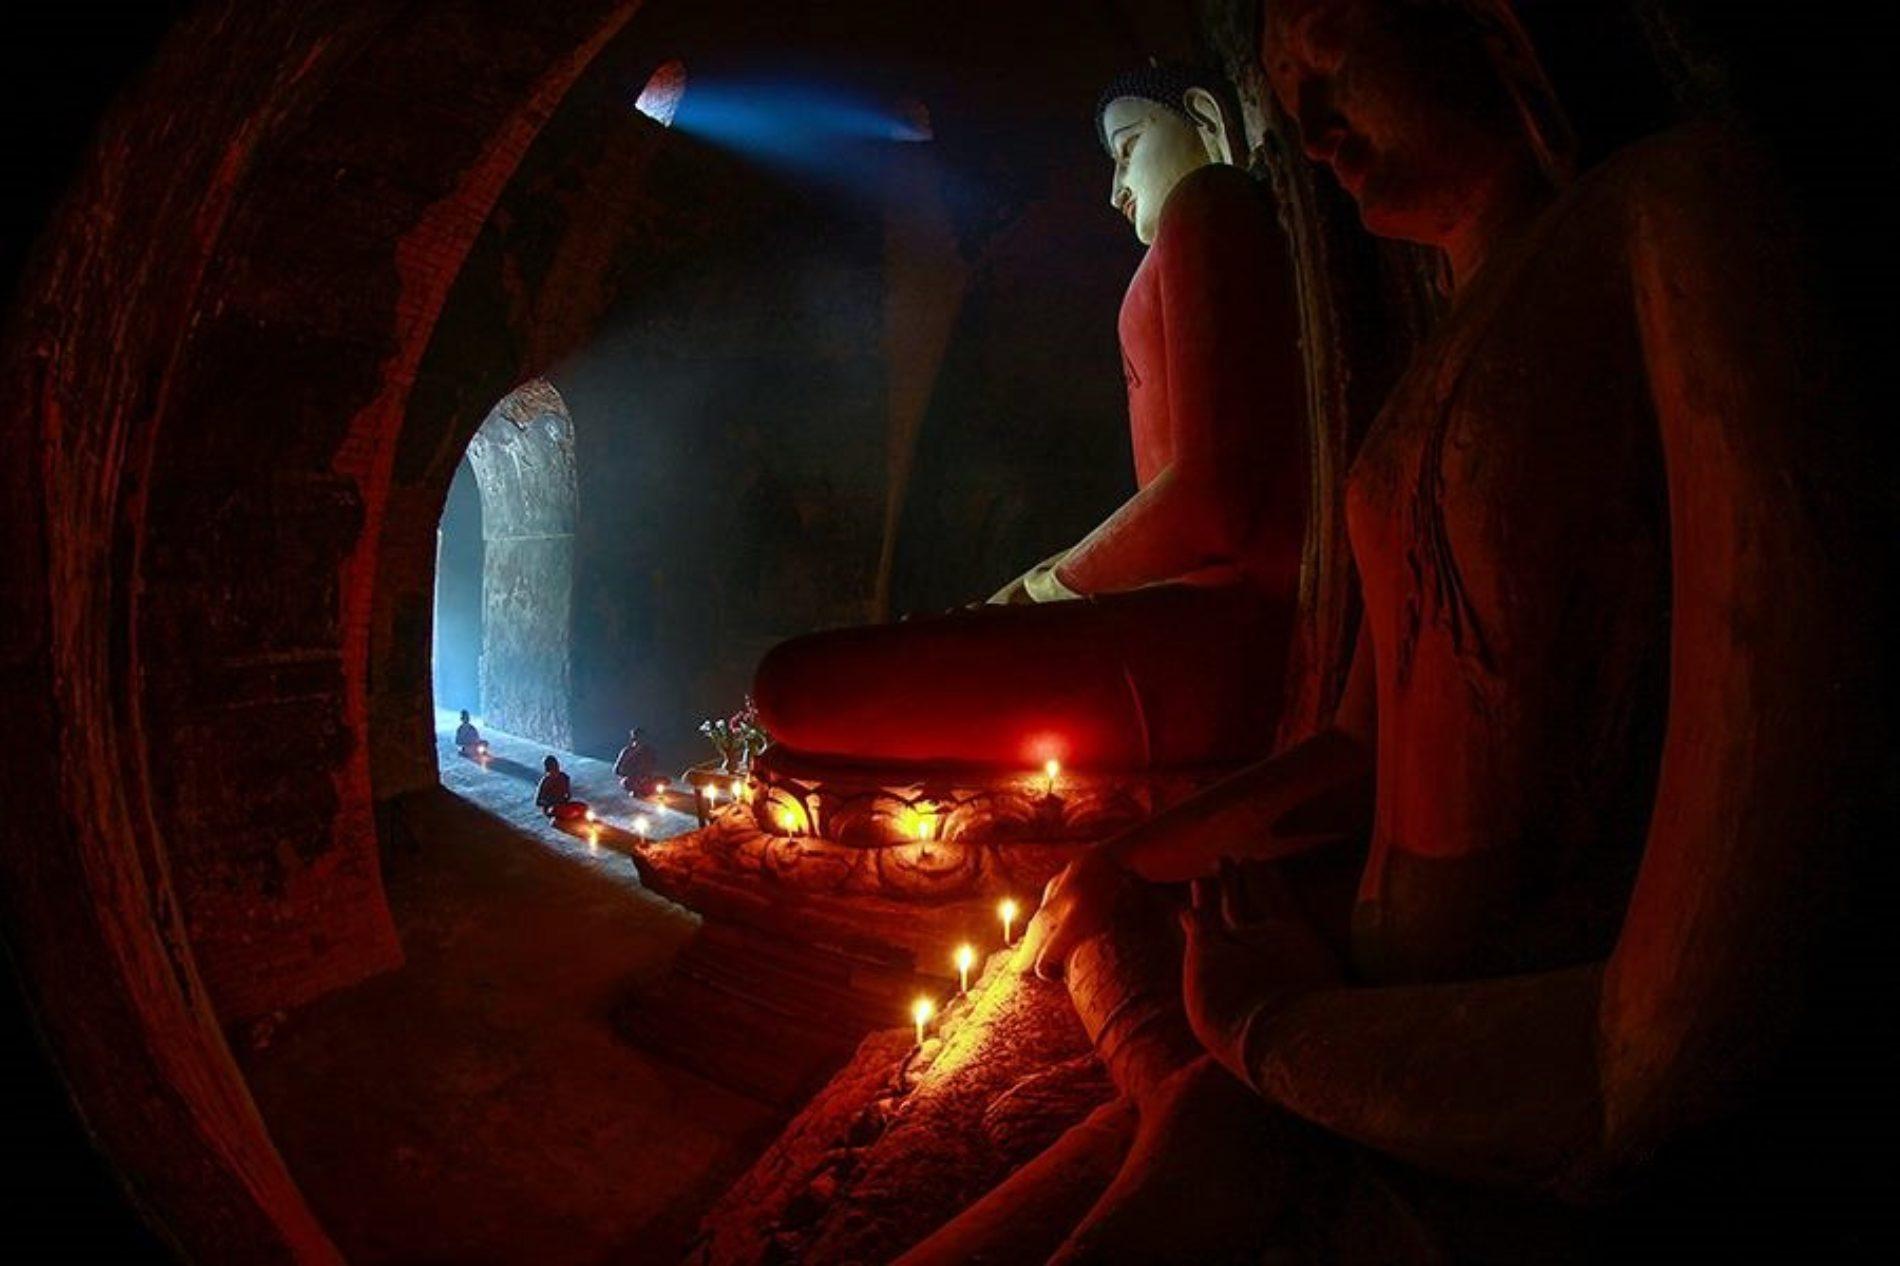 Какие бывают разновидности веры — Па Аук Тоя Саядо